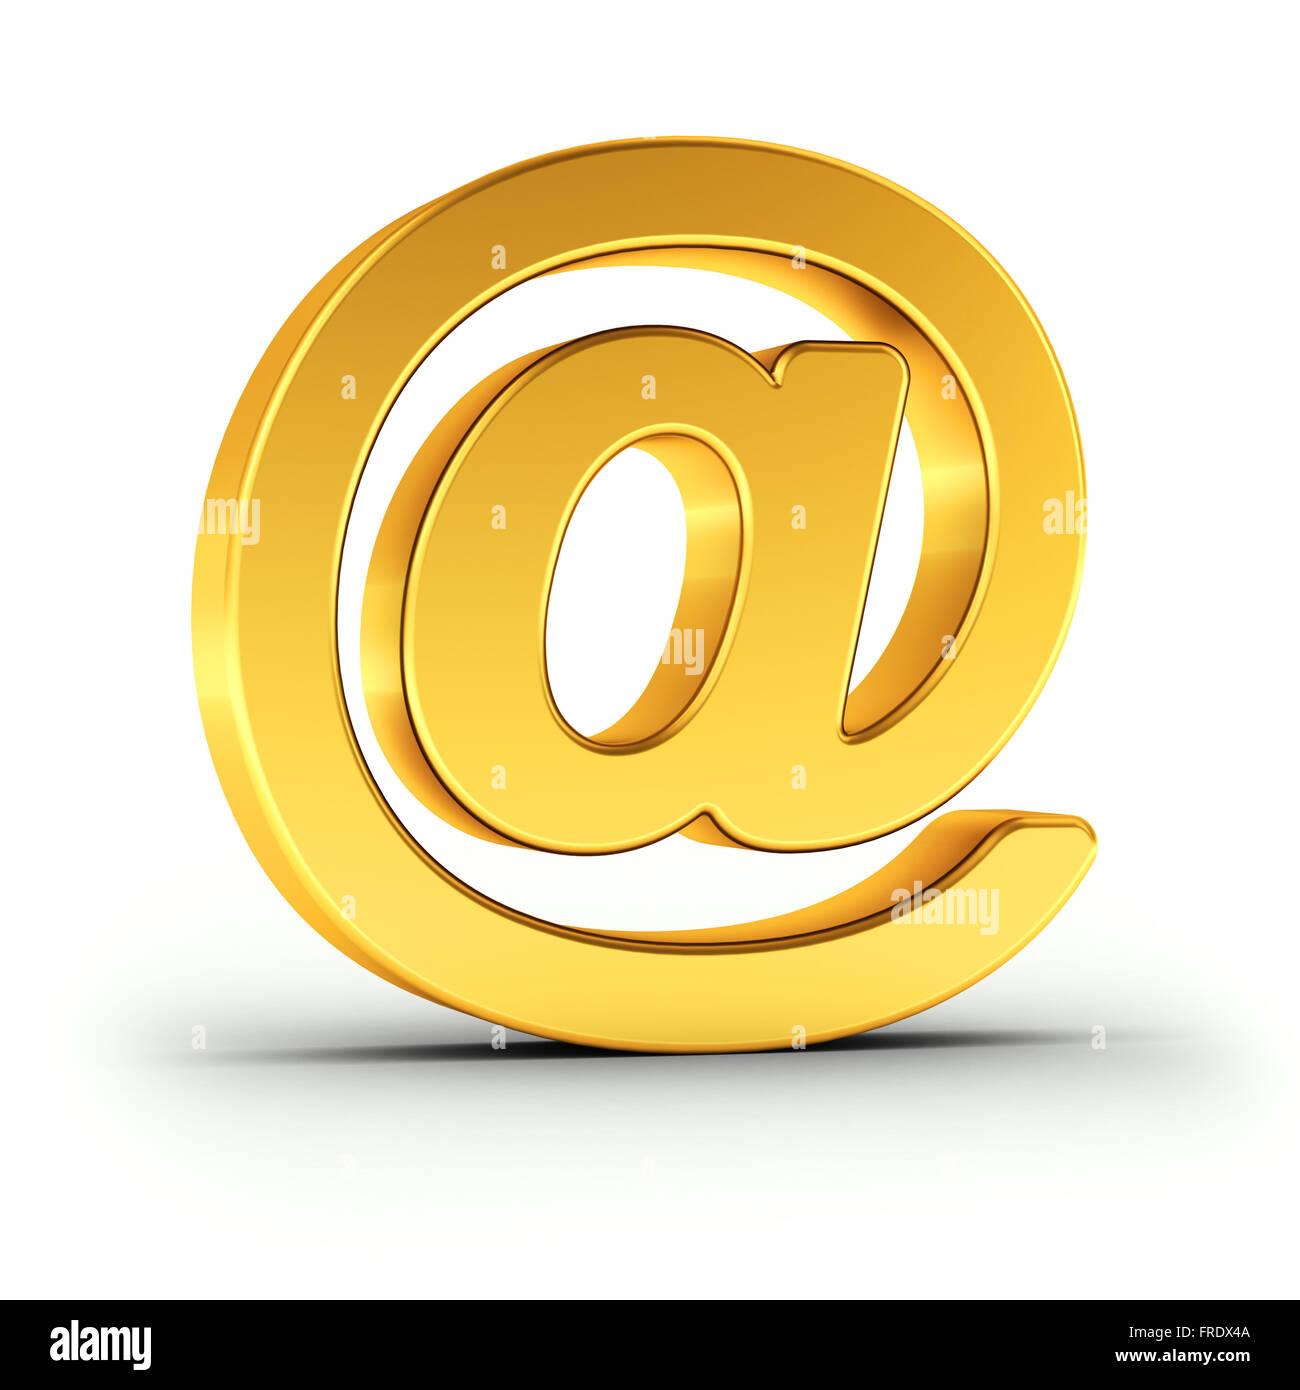 Il simbolo di posta elettronica come un lucido oggetto d'oro Immagini Stock